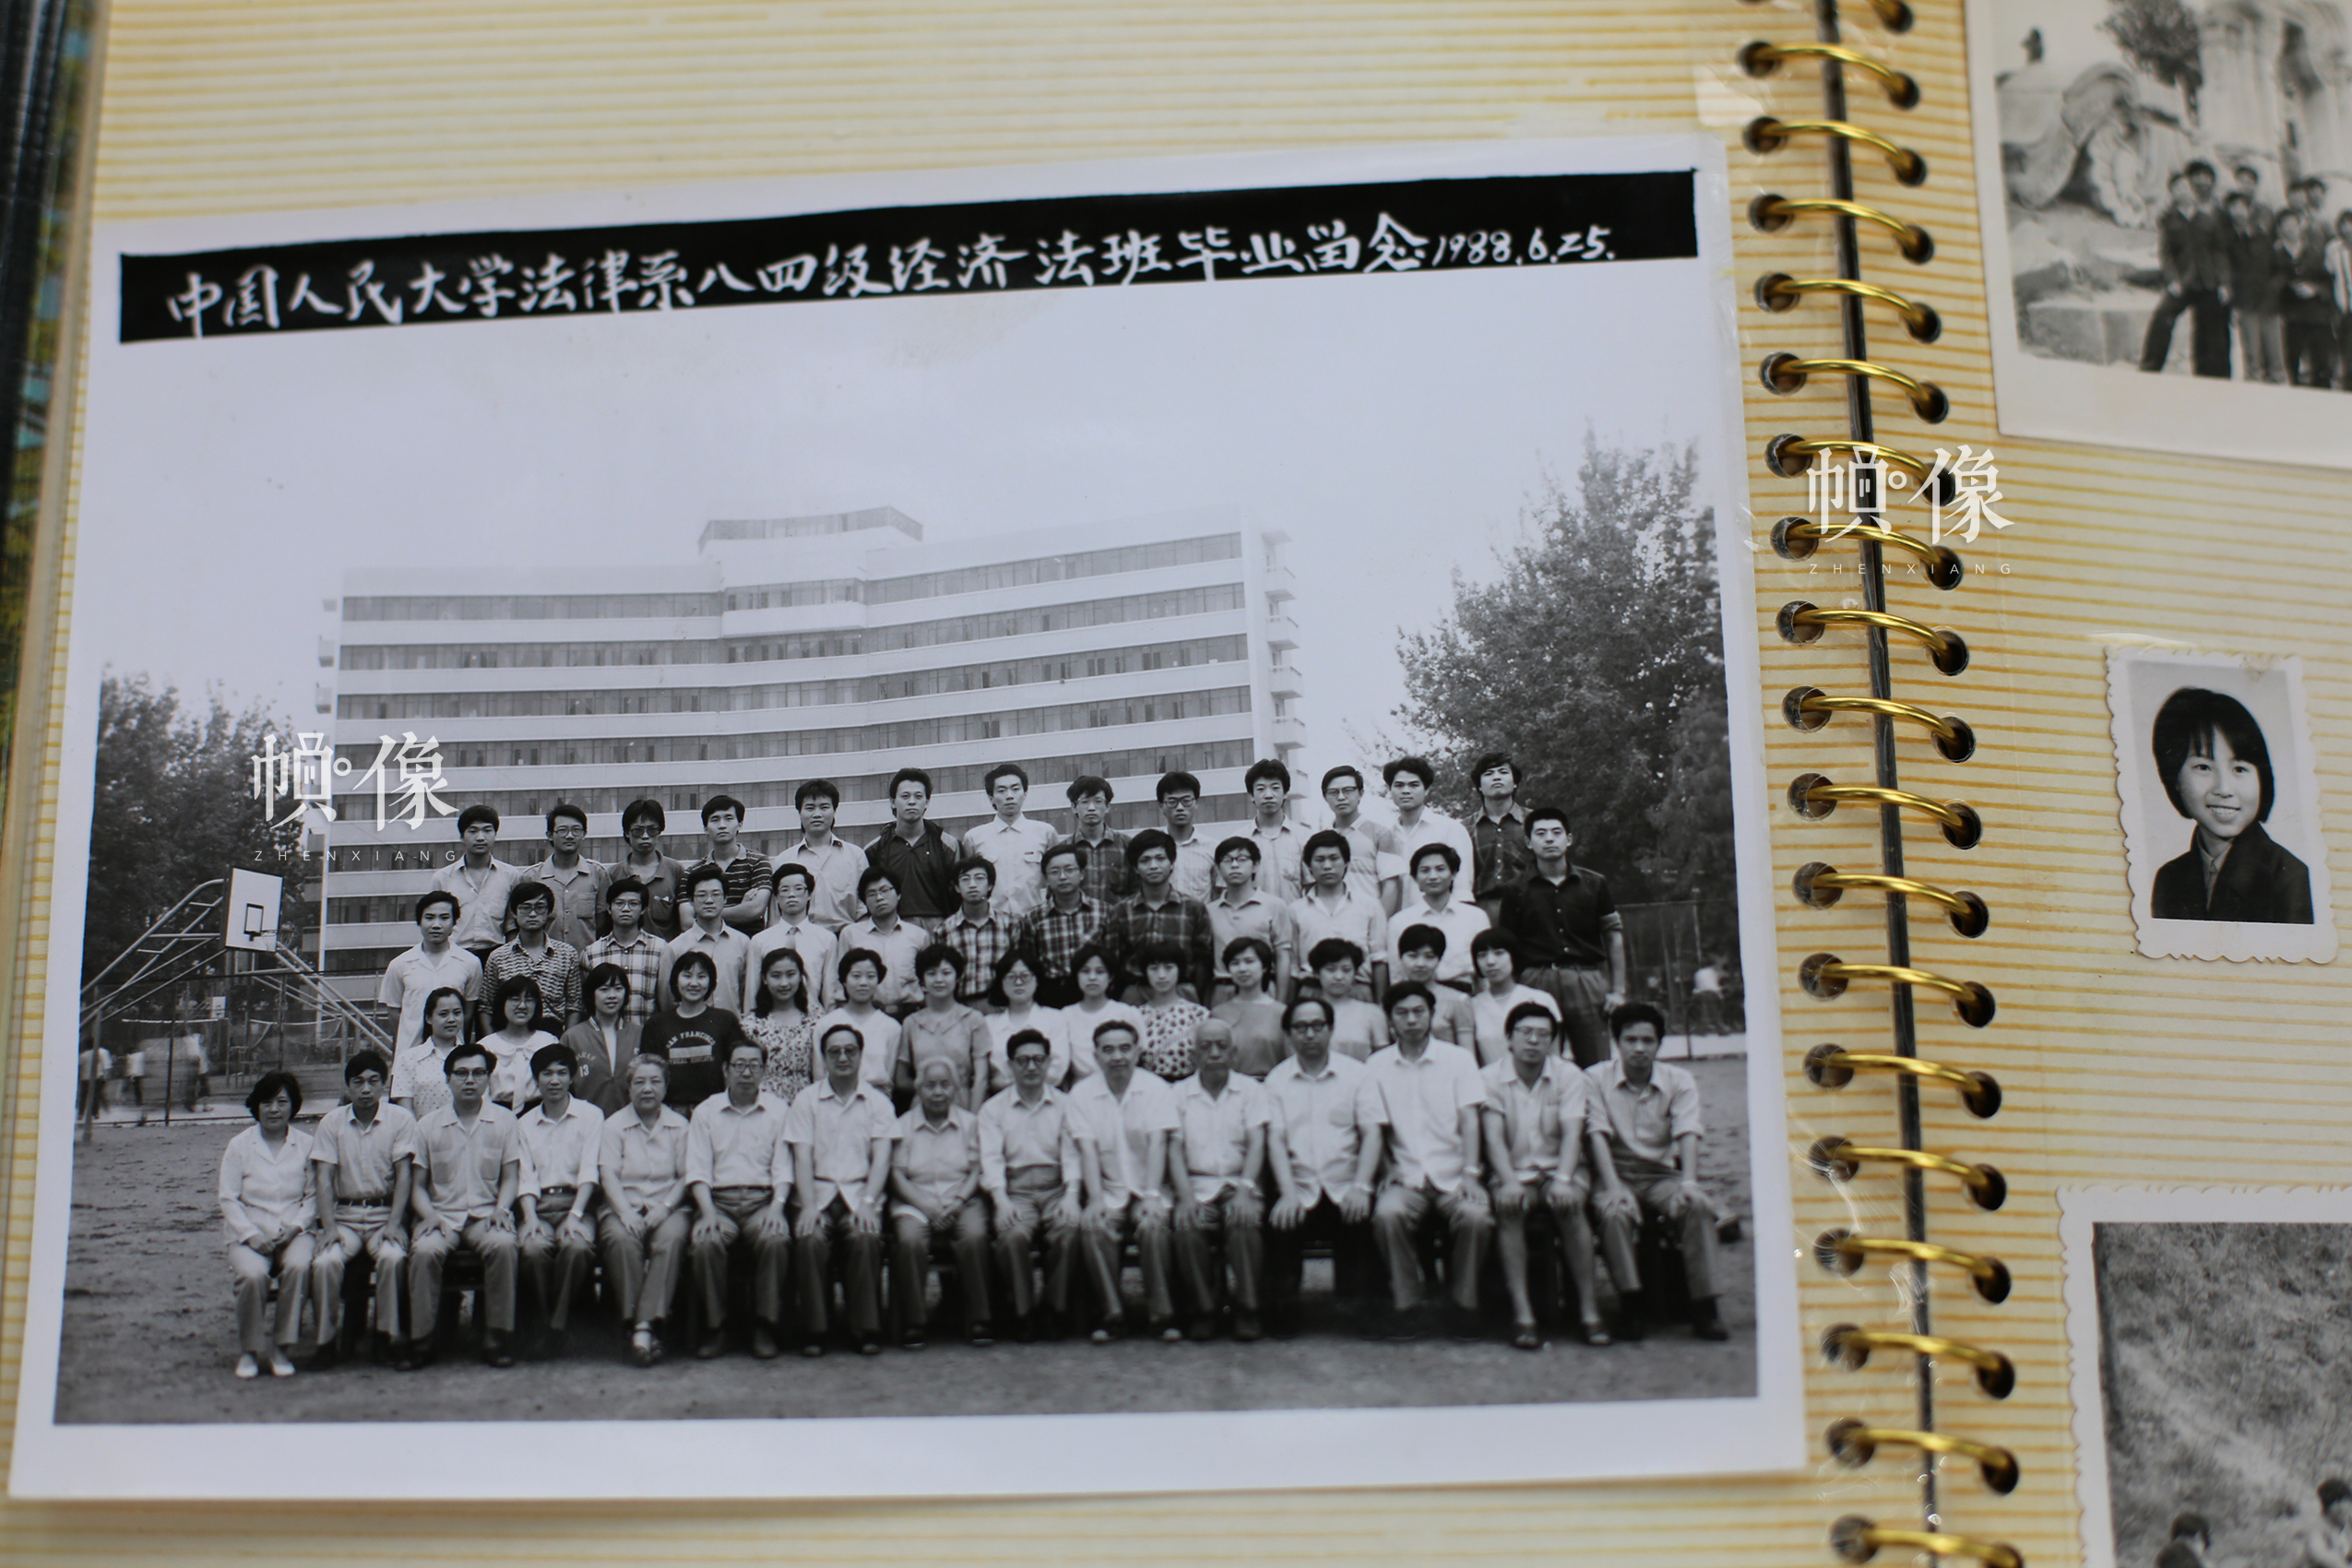 1988年6月25日,中国人民大学法律系八四级经济法班毕业留念。